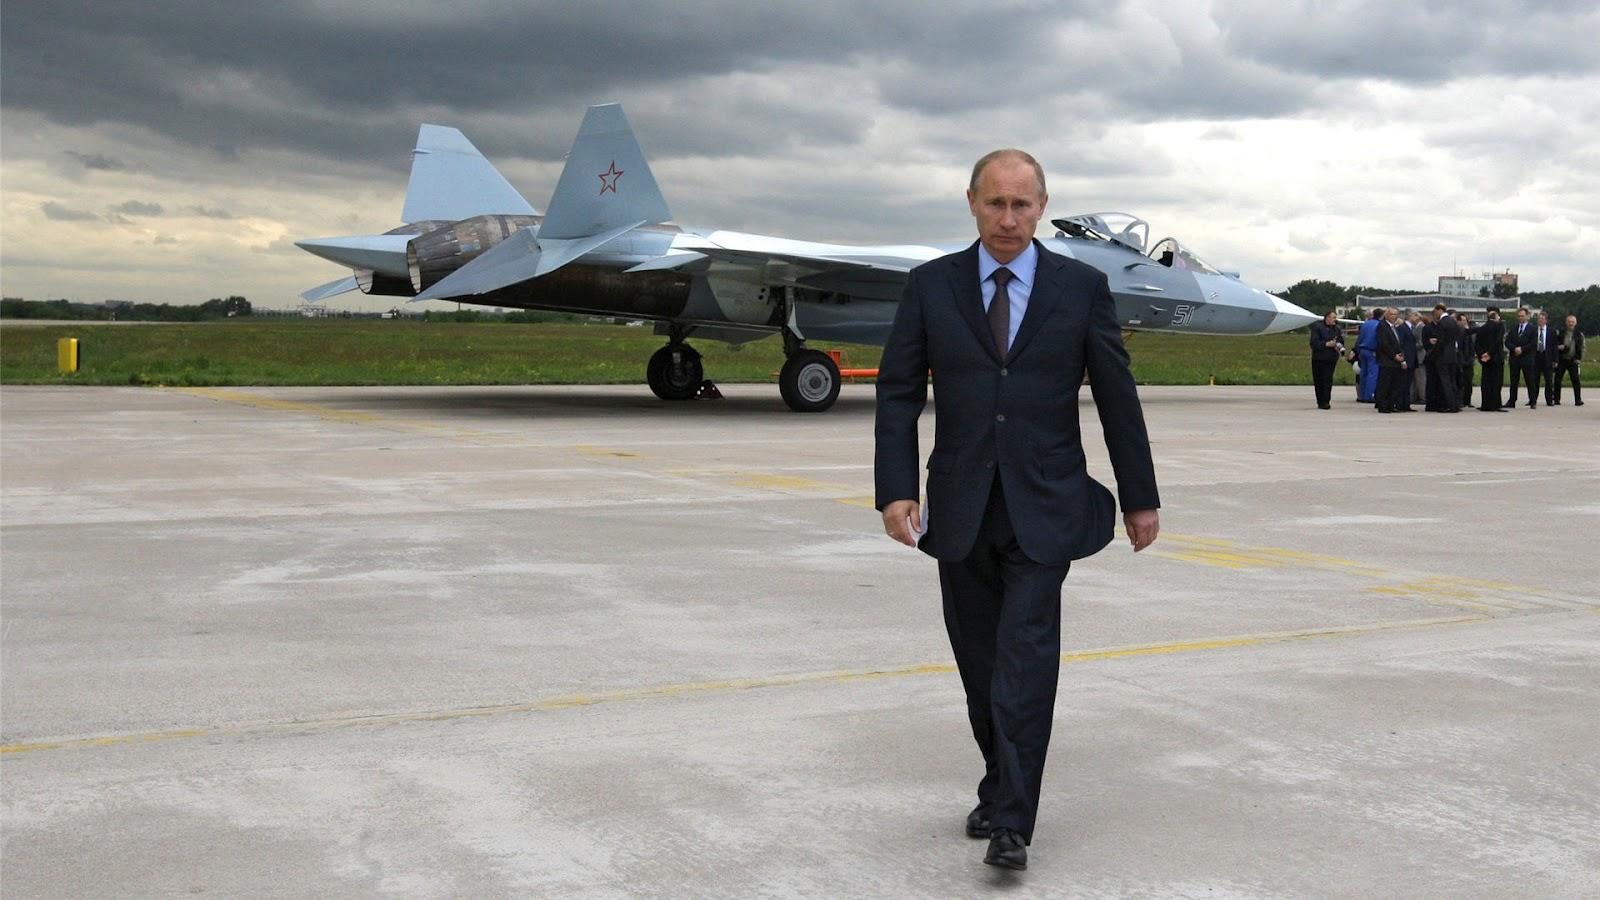 http://4.bp.blogspot.com/-lUdHnGwIQCo/T9fq99INoSI/AAAAAAAAAZY/p4ERD2gKL0s/s1600/Putin-Action-Man-Wallpaper-1920x1080.jpg